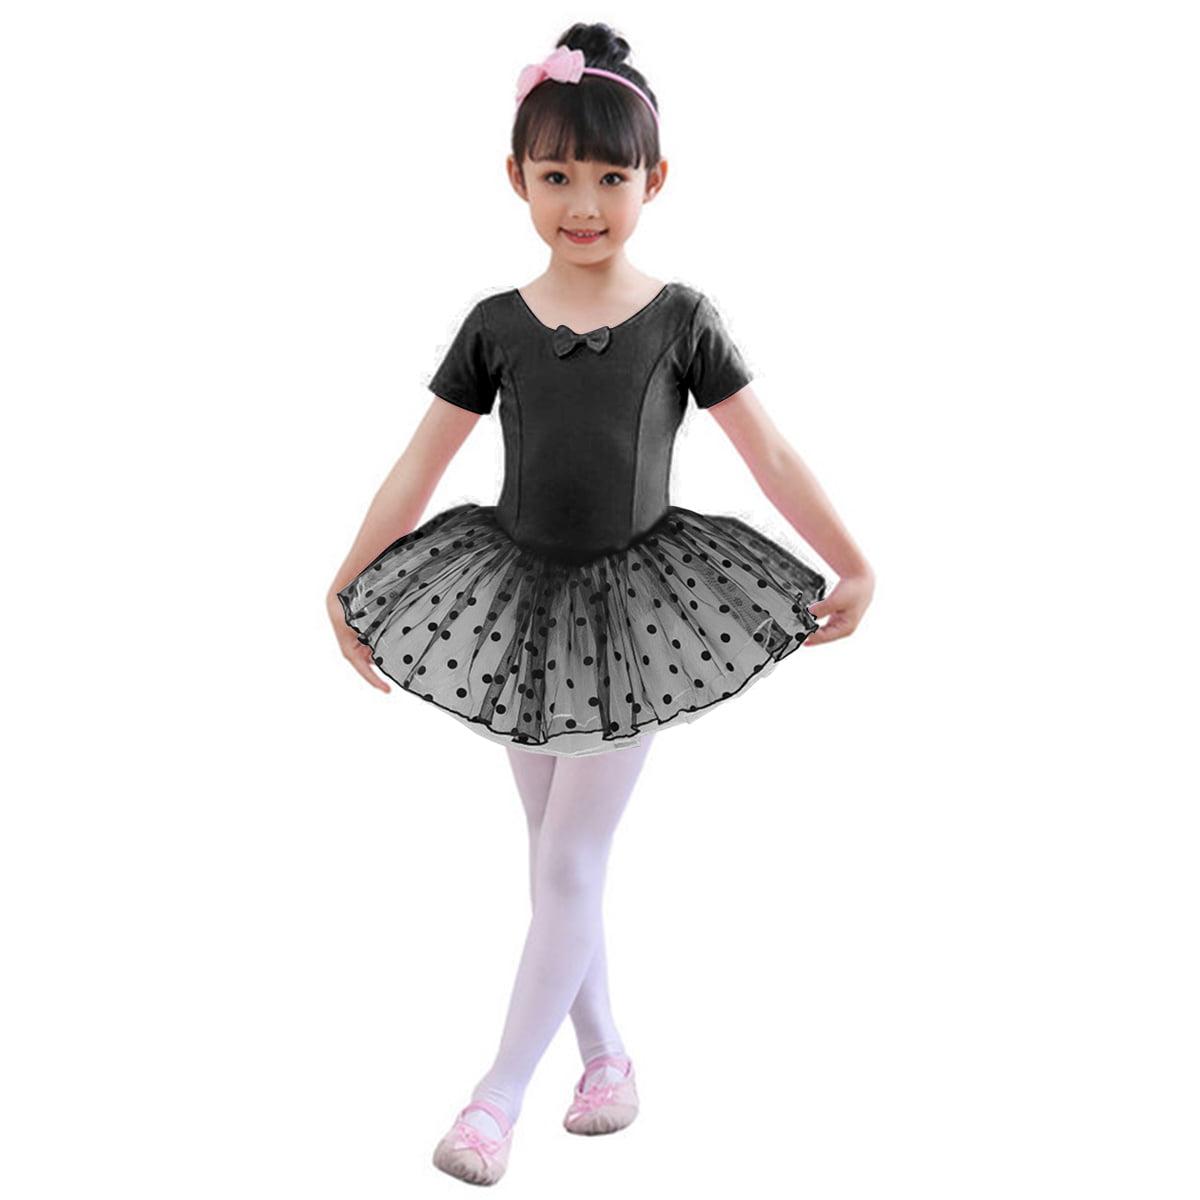 Child Girls Gymnastics Ballet Dance Wear Ballerina Dress Glitters Leotards Tutus